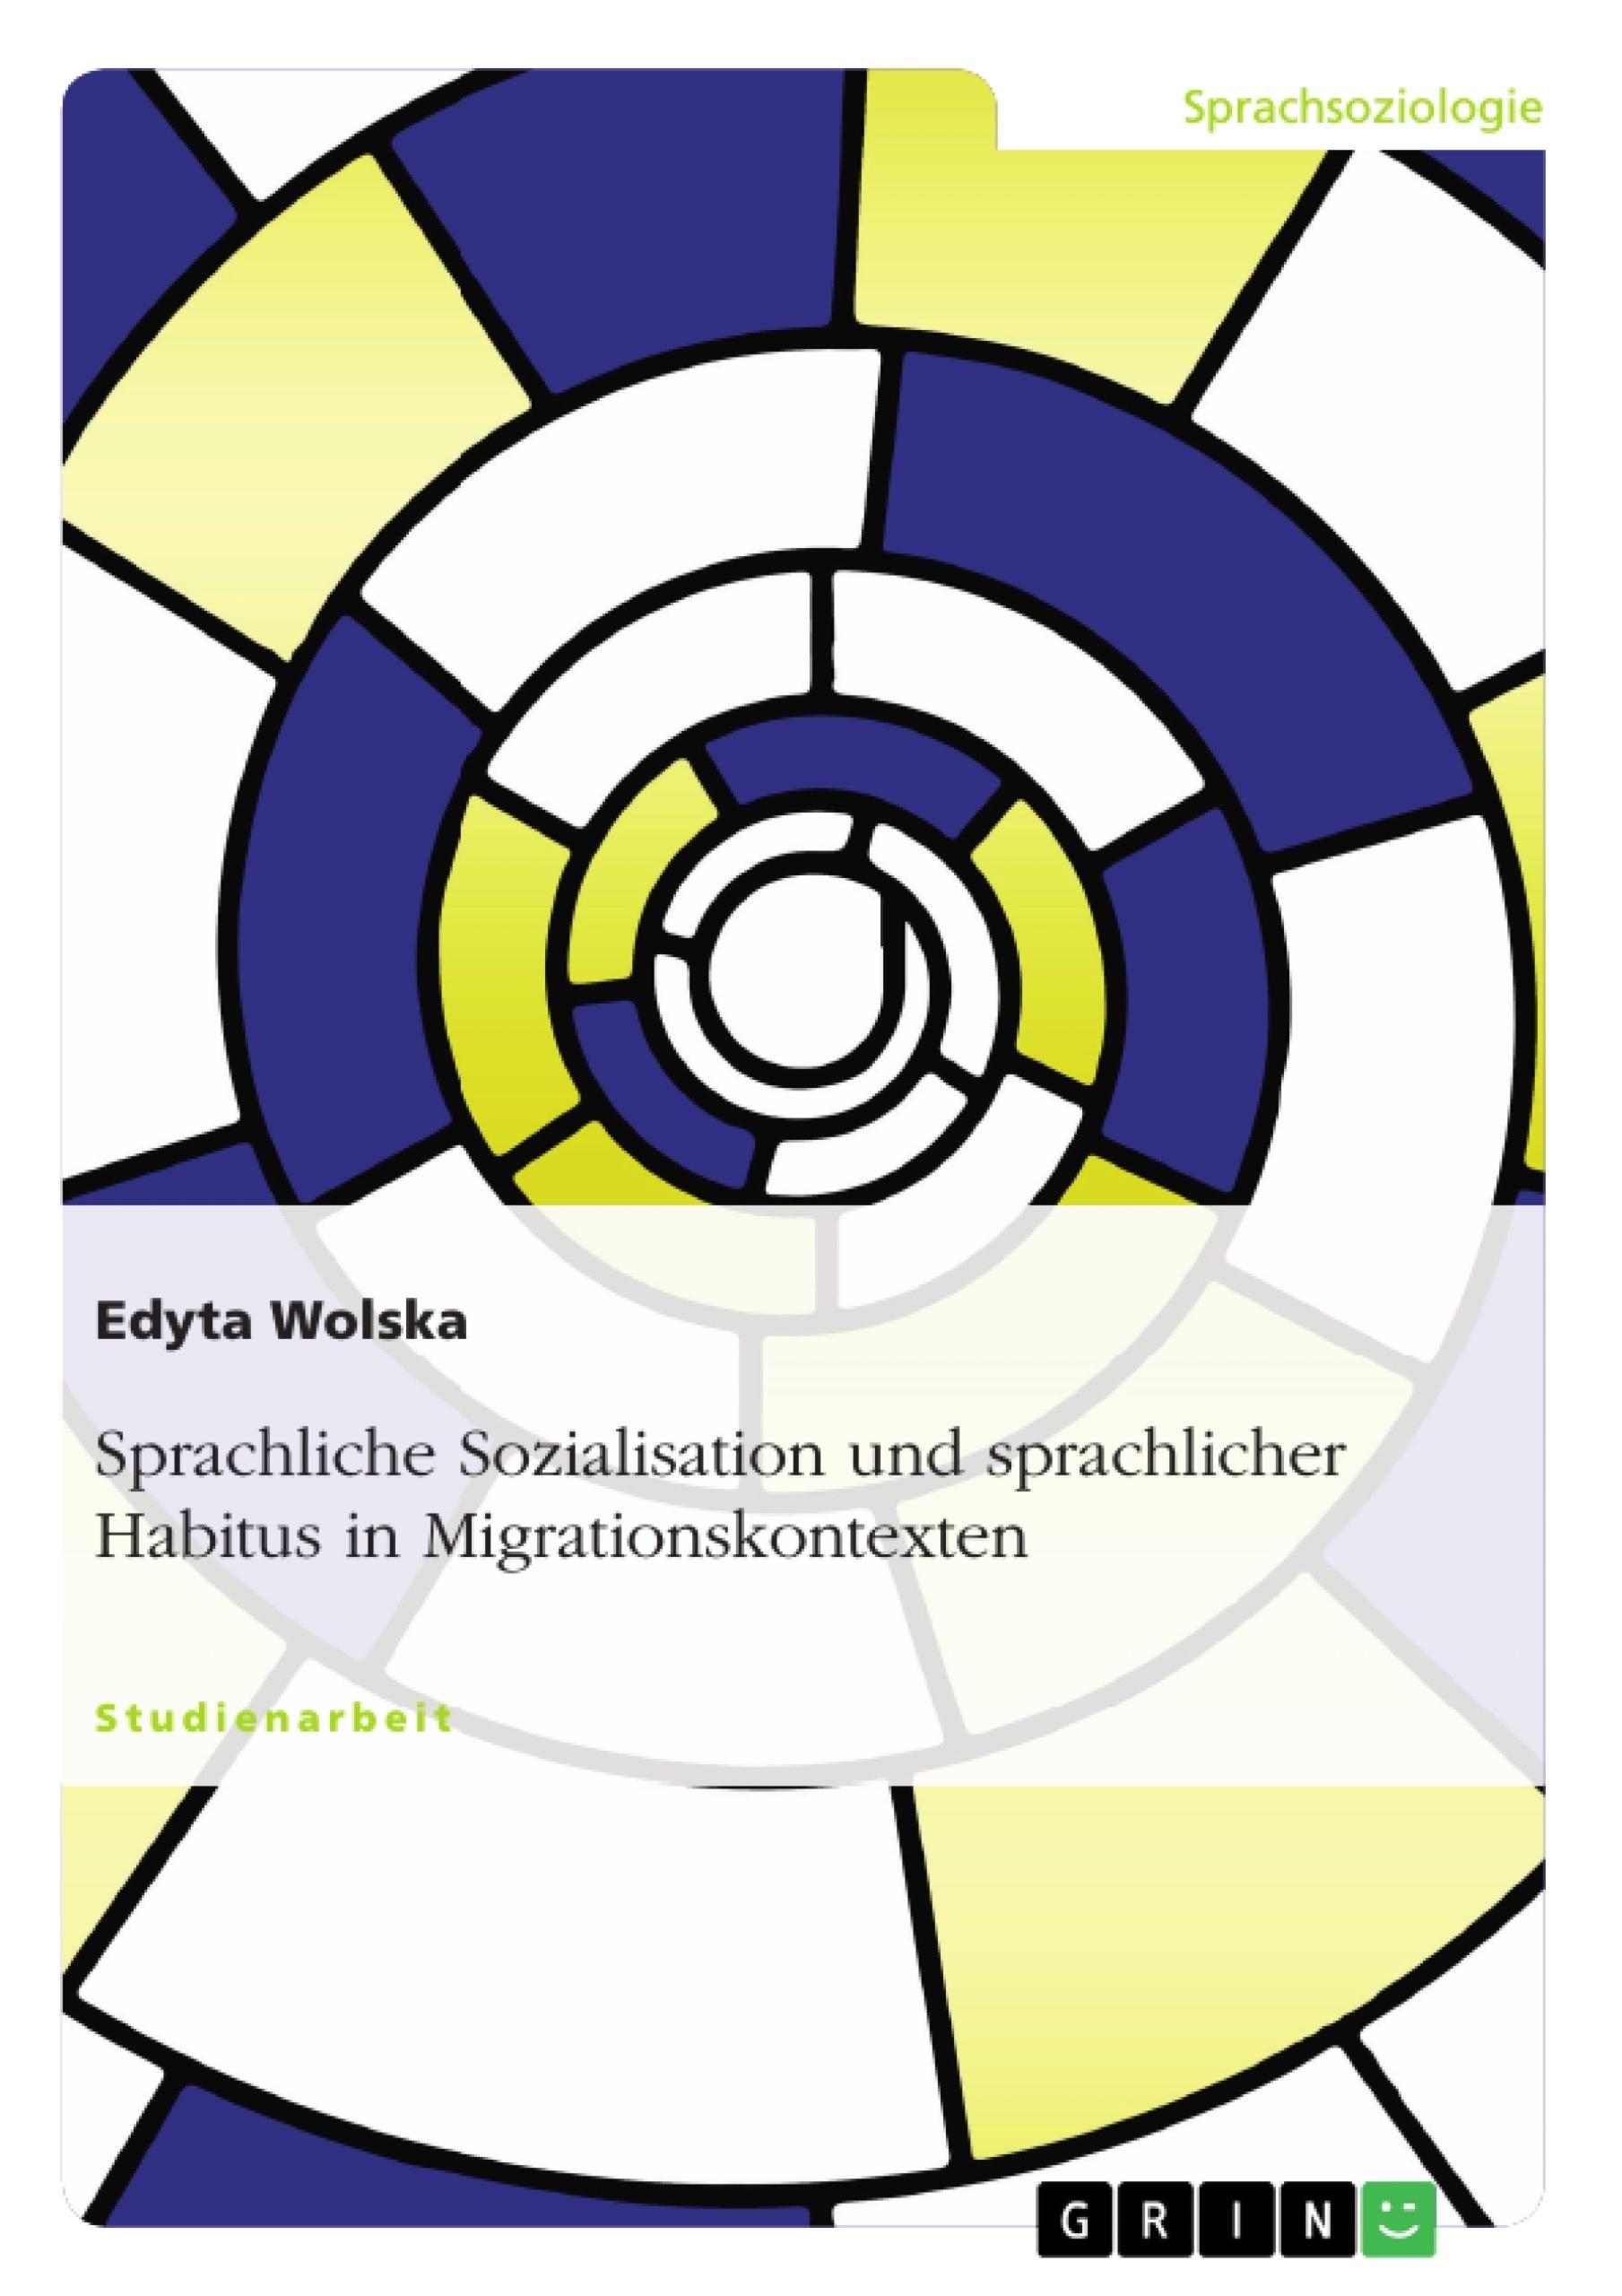 Titel: Sprachliche Sozialisation und sprachlicher Habitus in Migrationskontexten